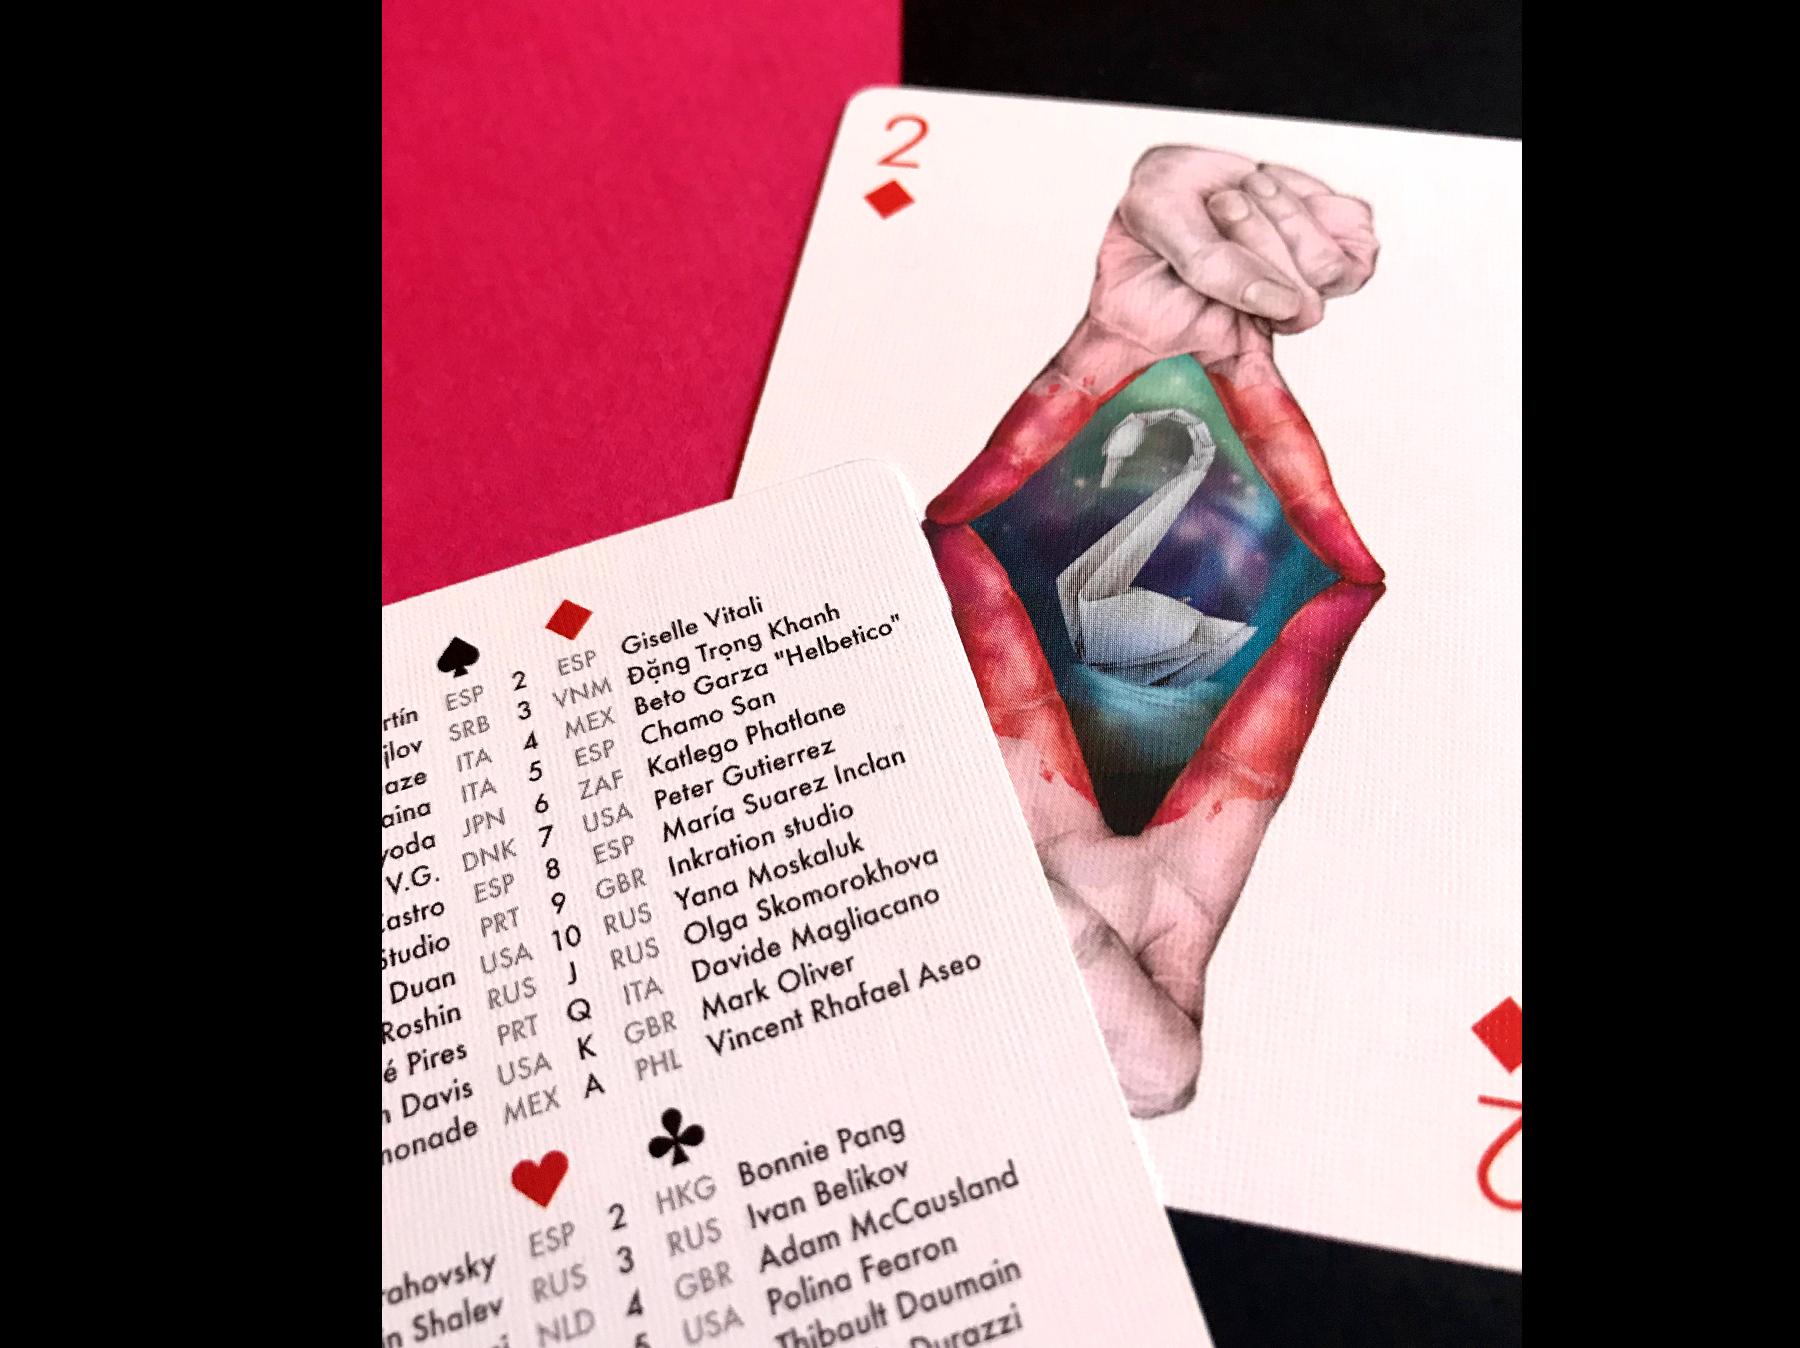 carta de poker 2 de diamante ganadora para concurso de ilustracion playing arts edicion especial